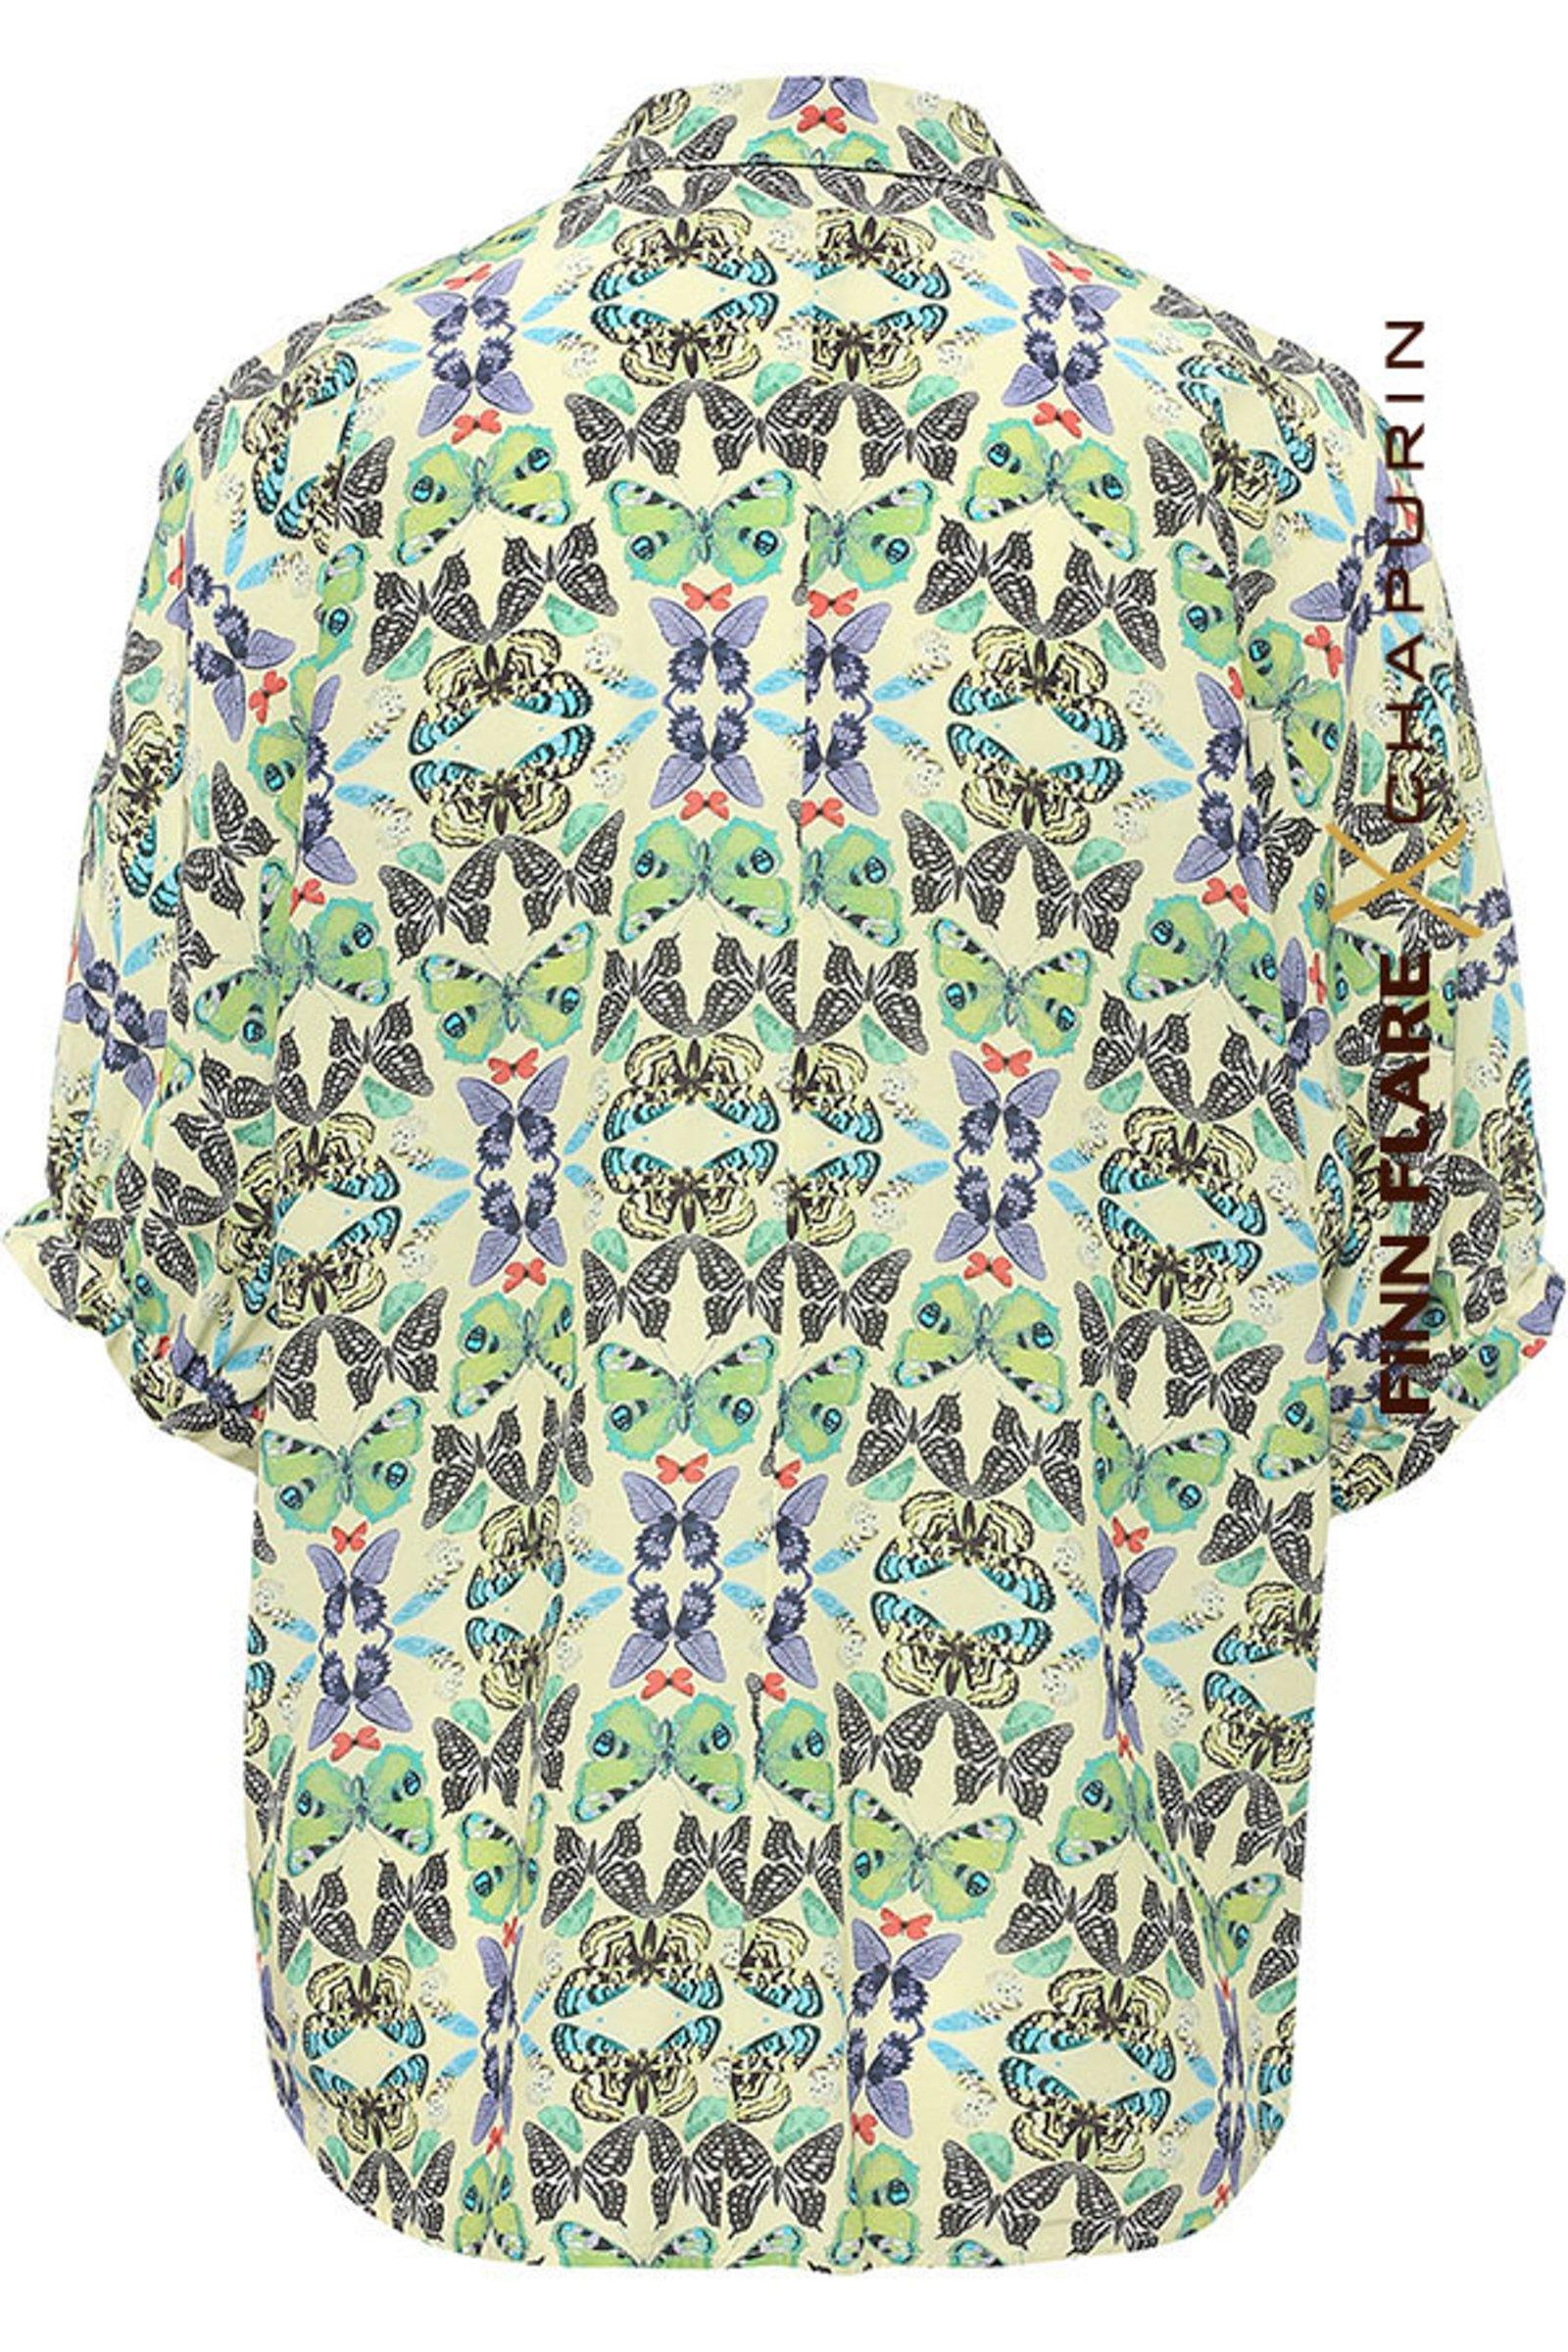 Блузка женская, Модель CS17-17022, Фото №5